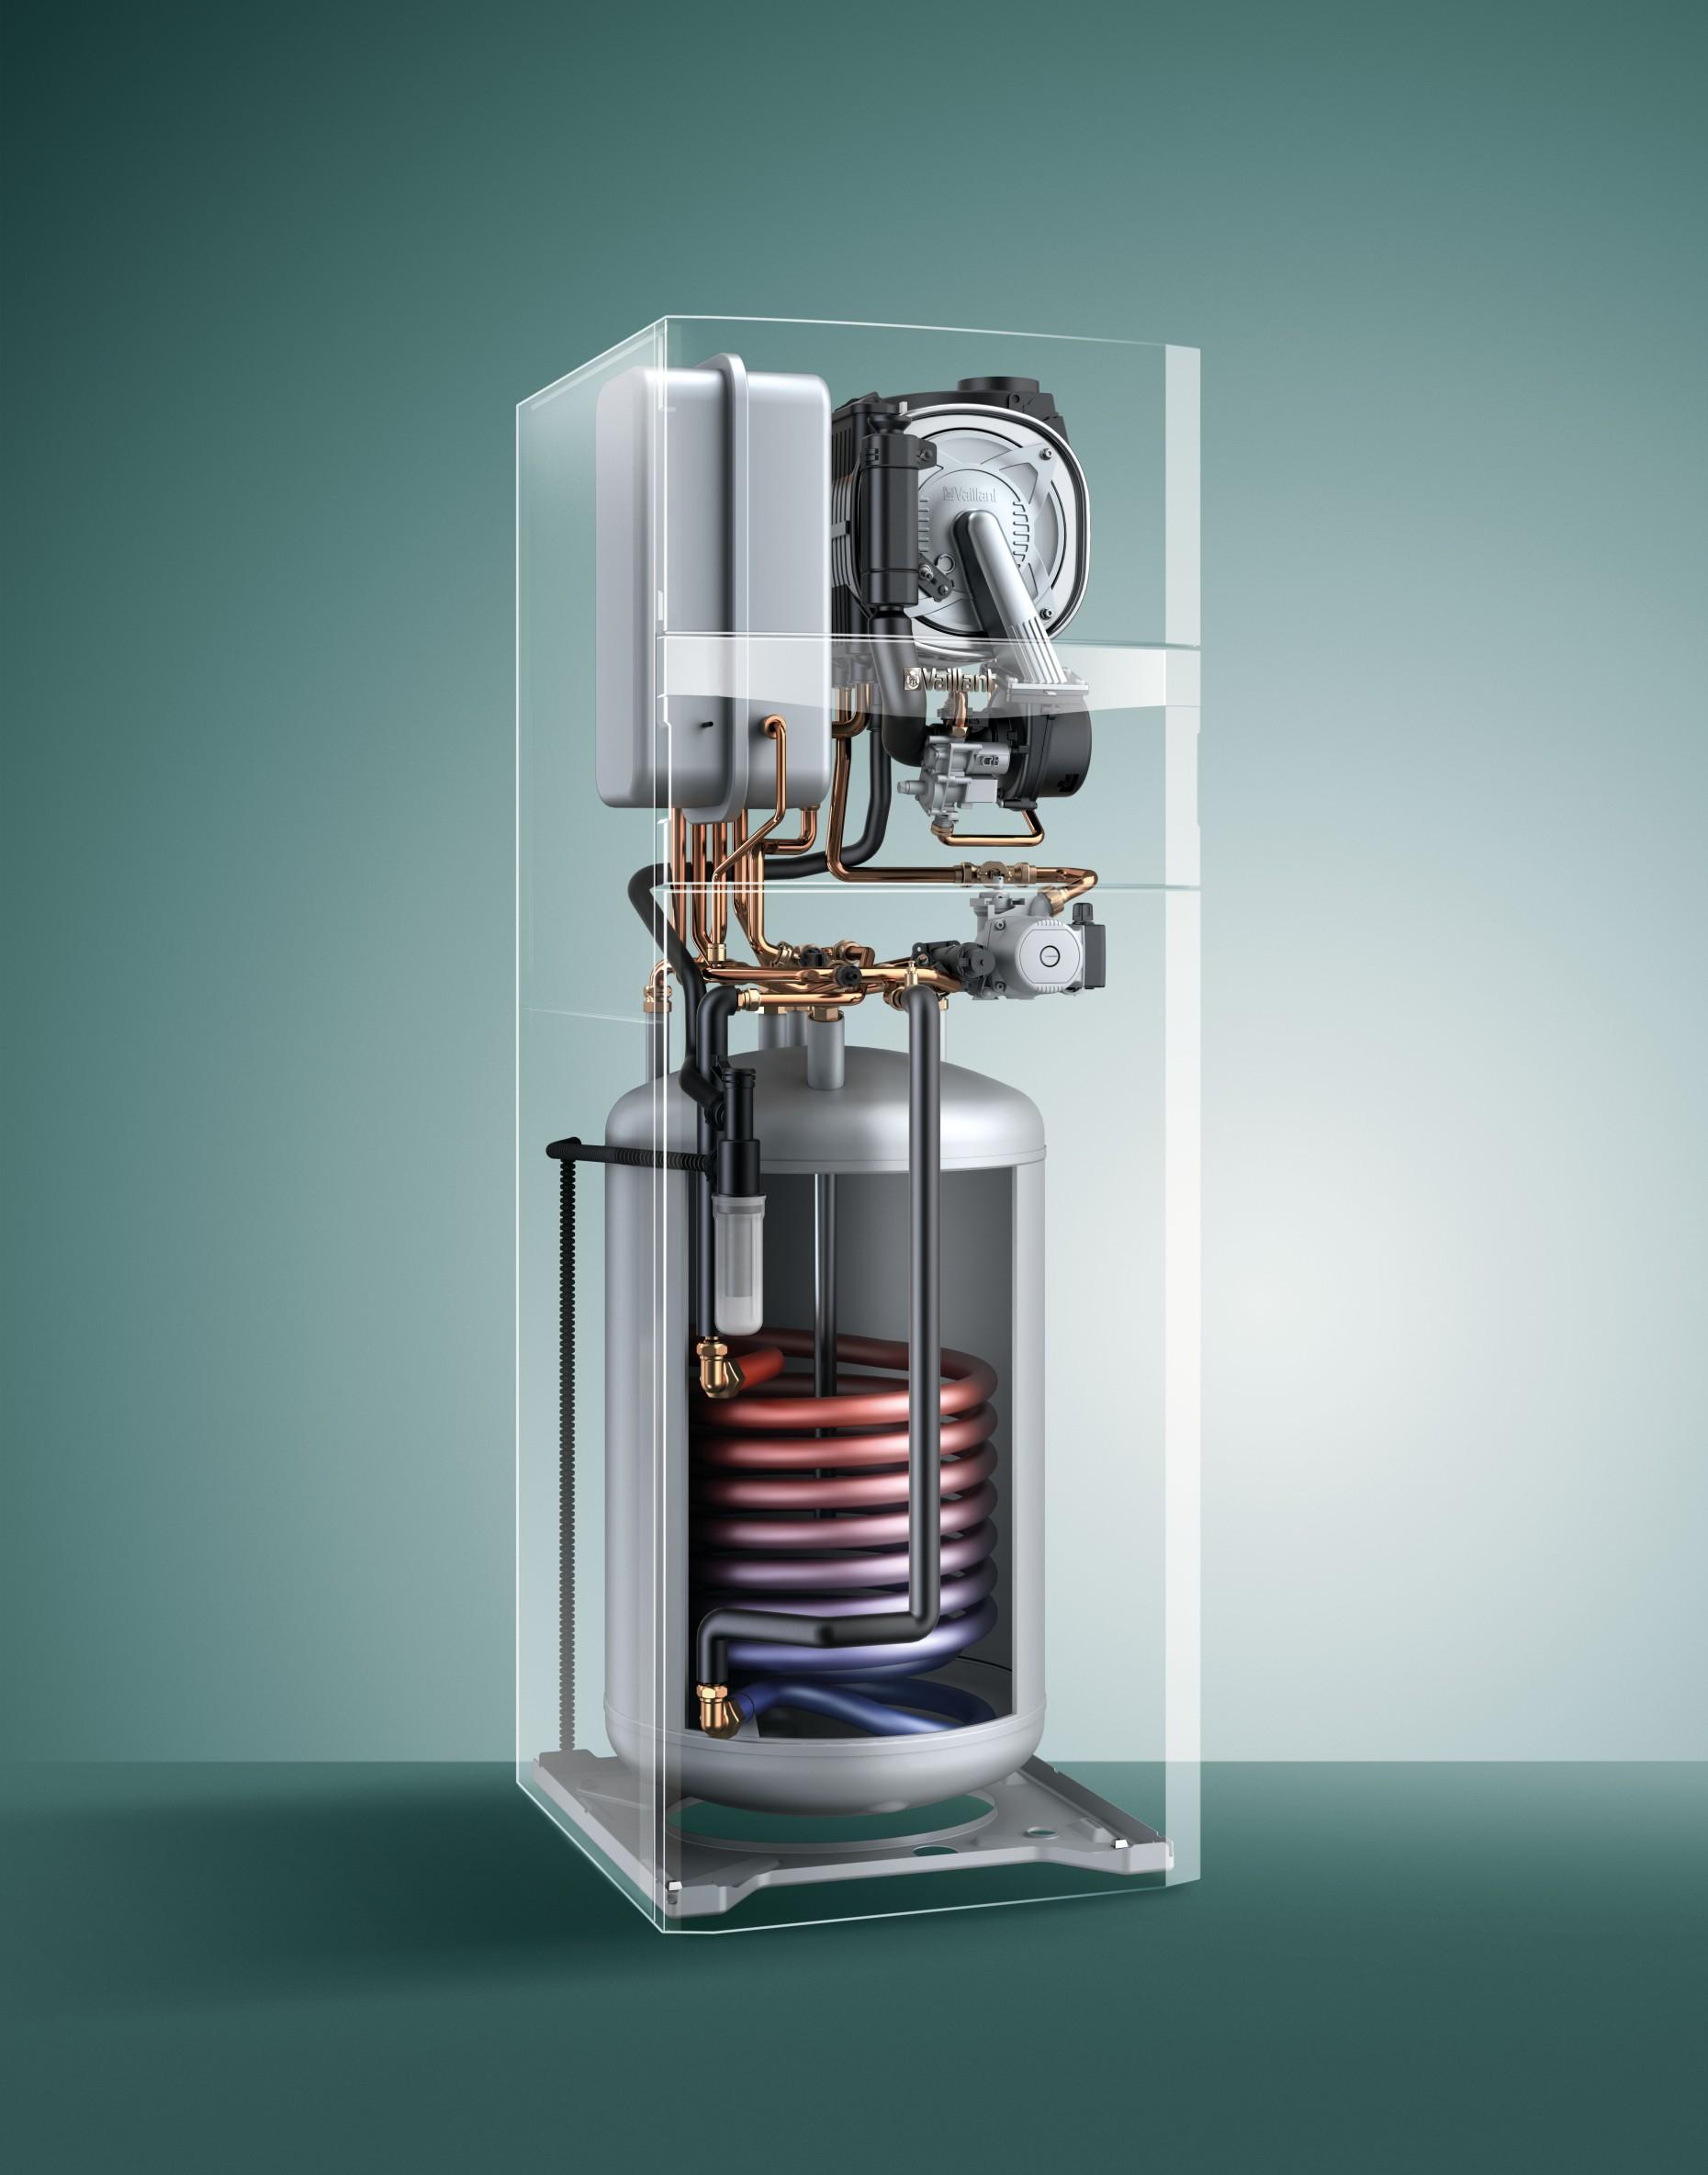 ecoCOMPACT kondenserende gasfyr med integreret varmtvandsbeholder - Vaillant